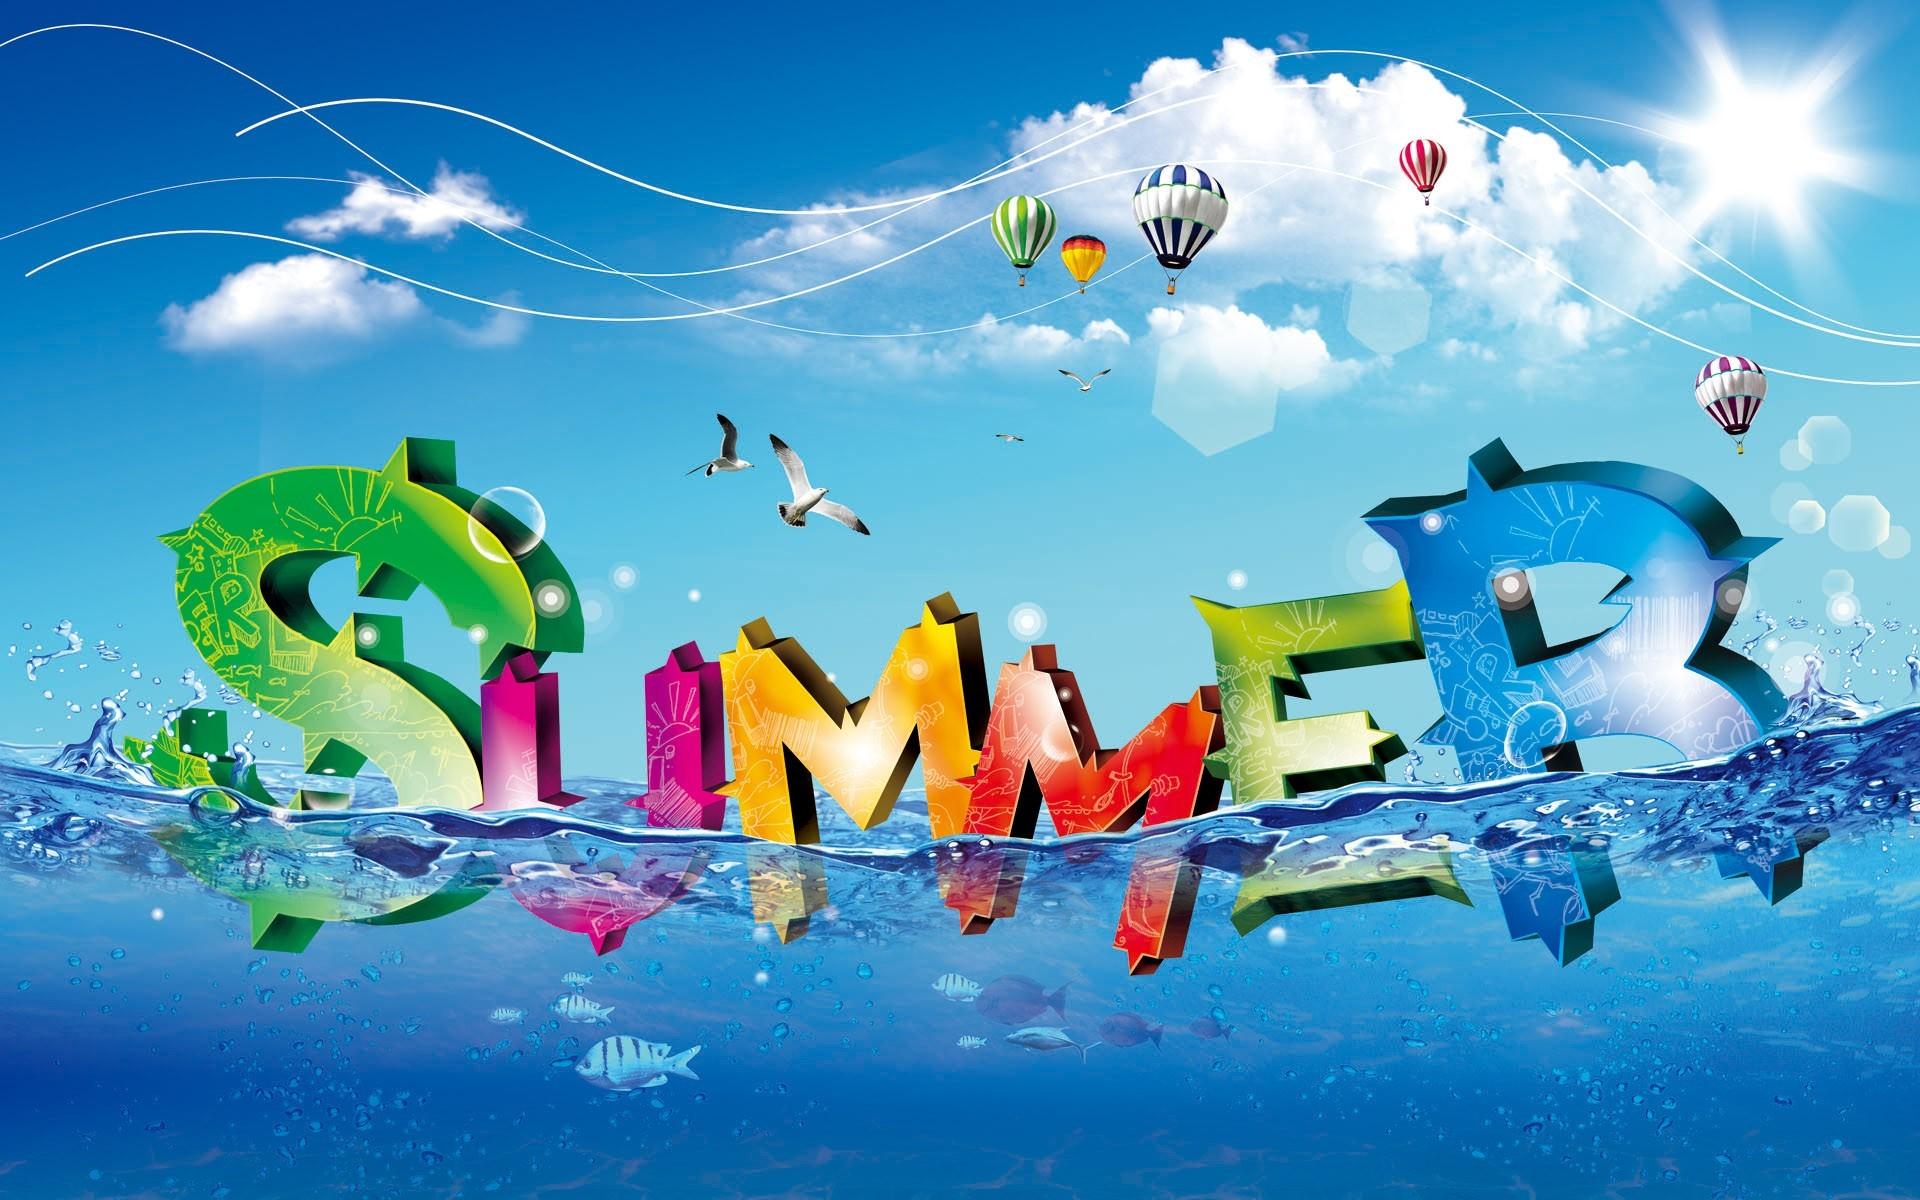 Фото и картинки про лето